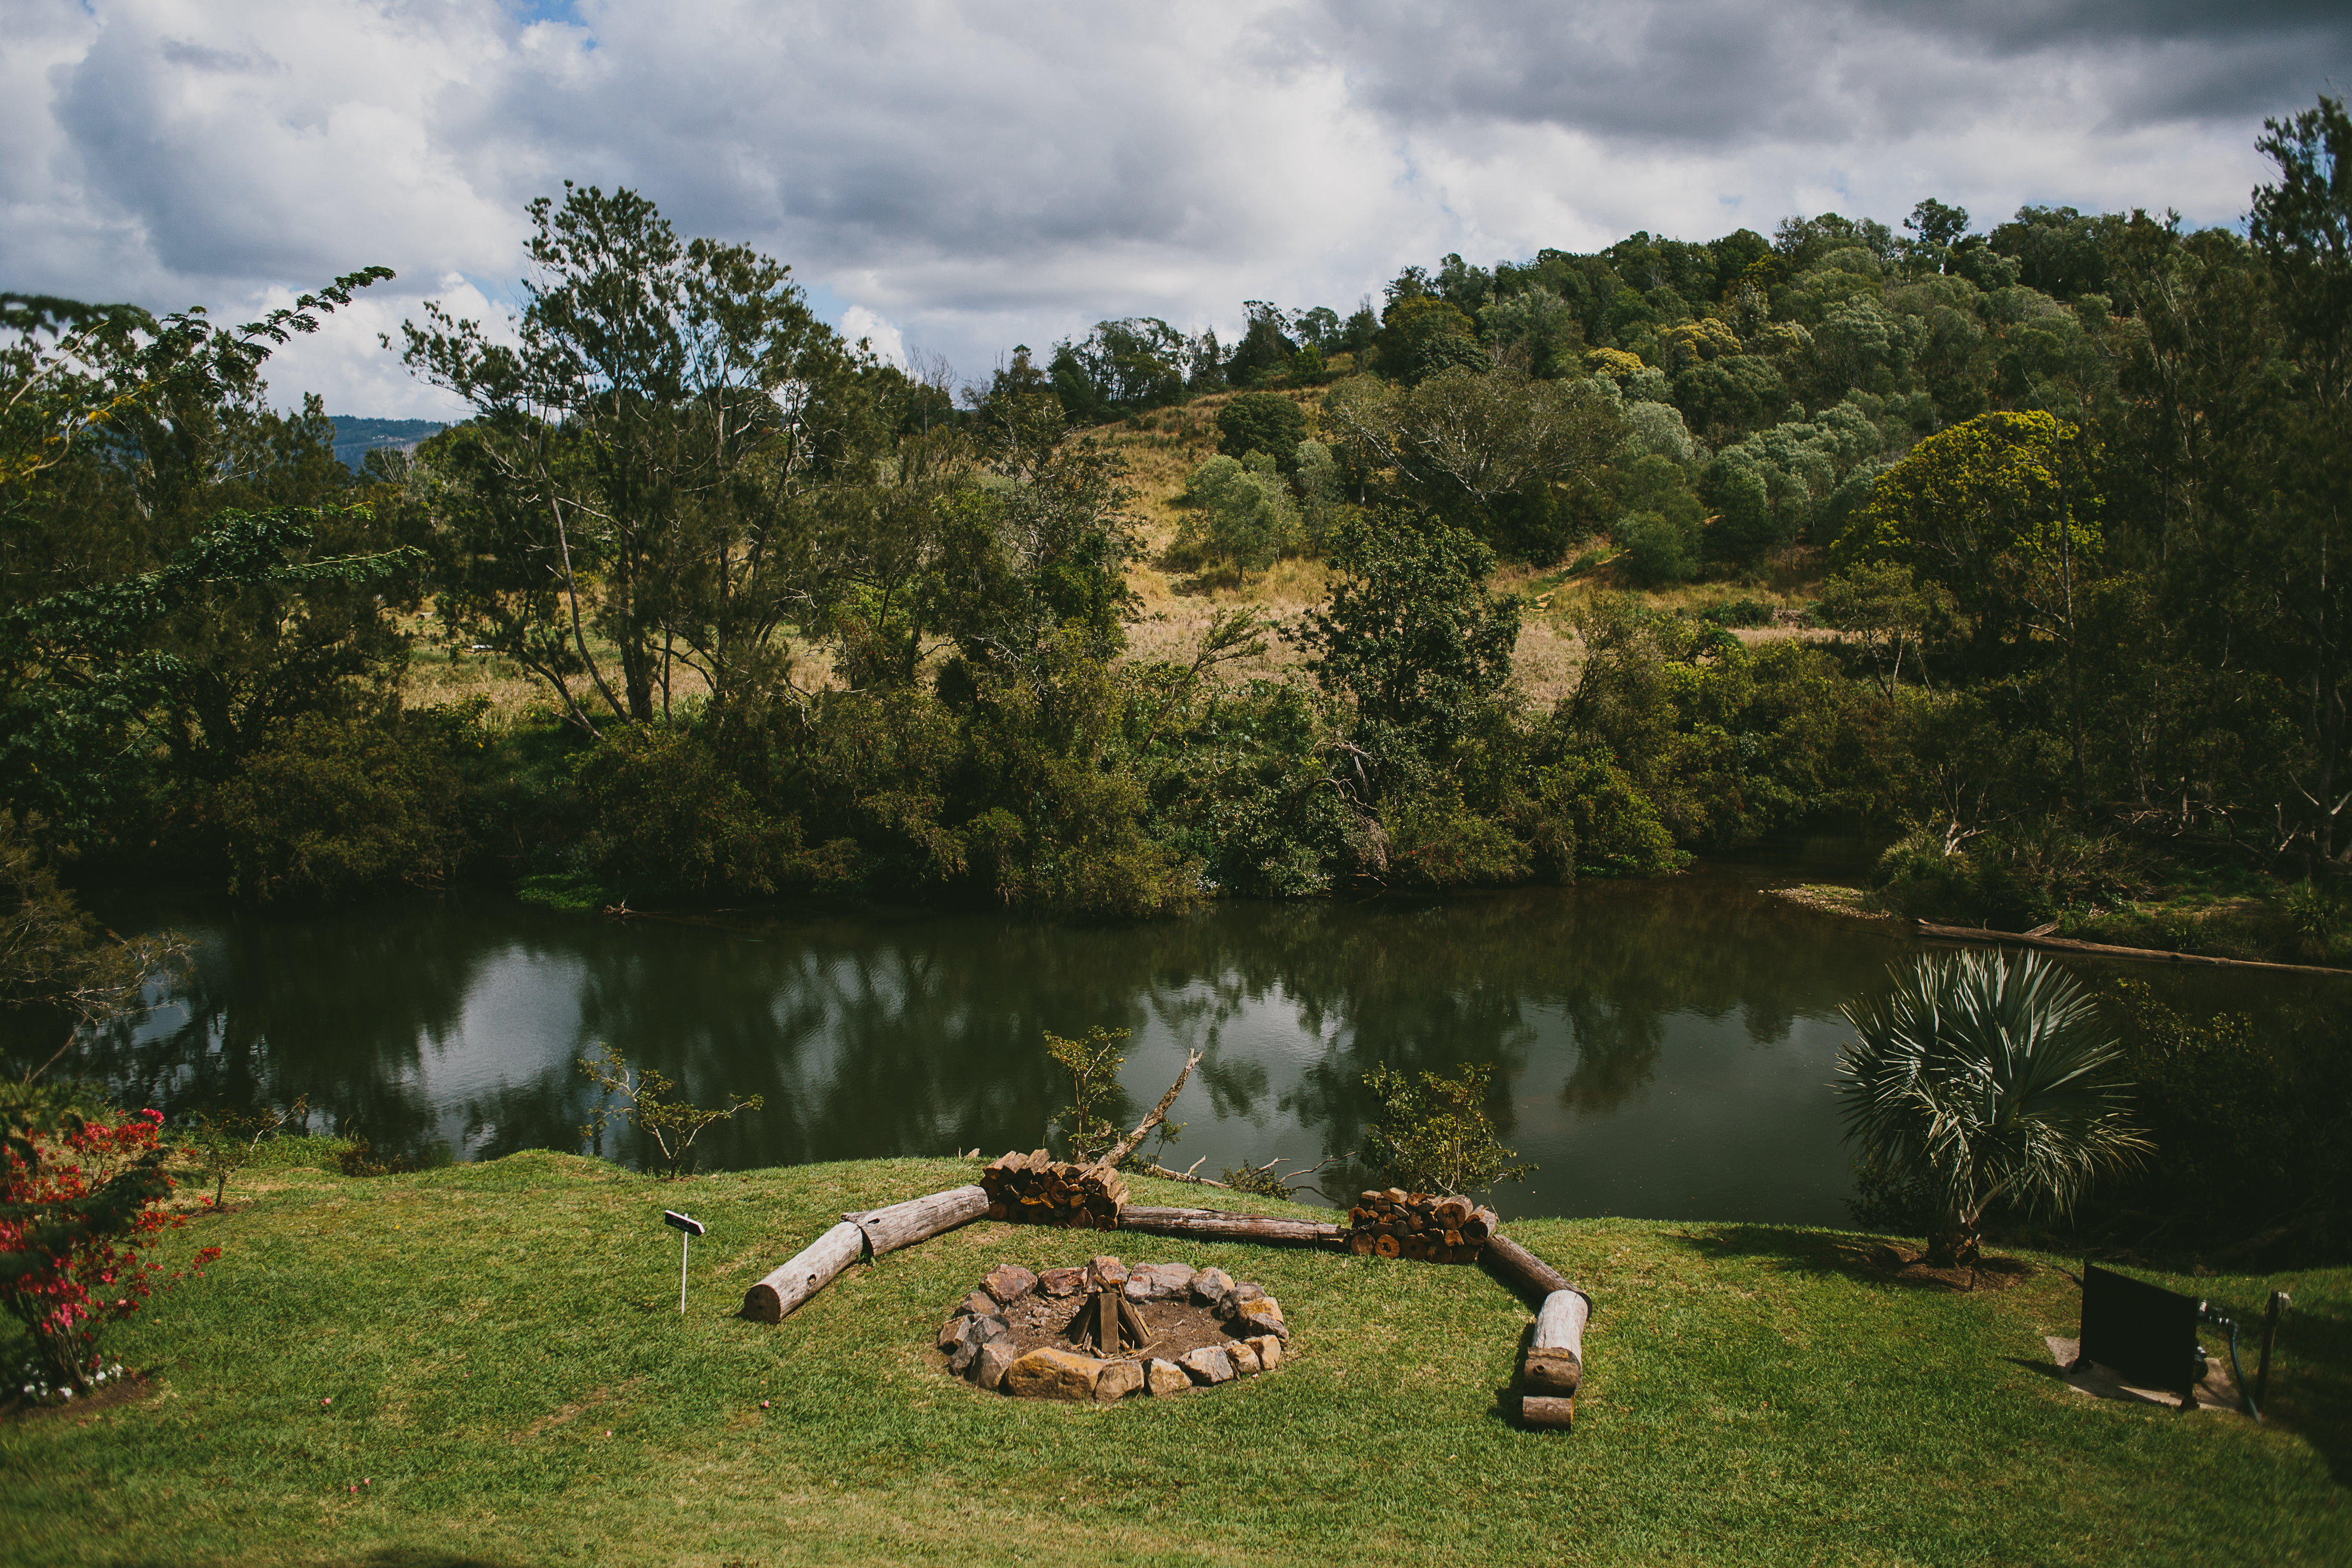 Riverbank bon fire pit